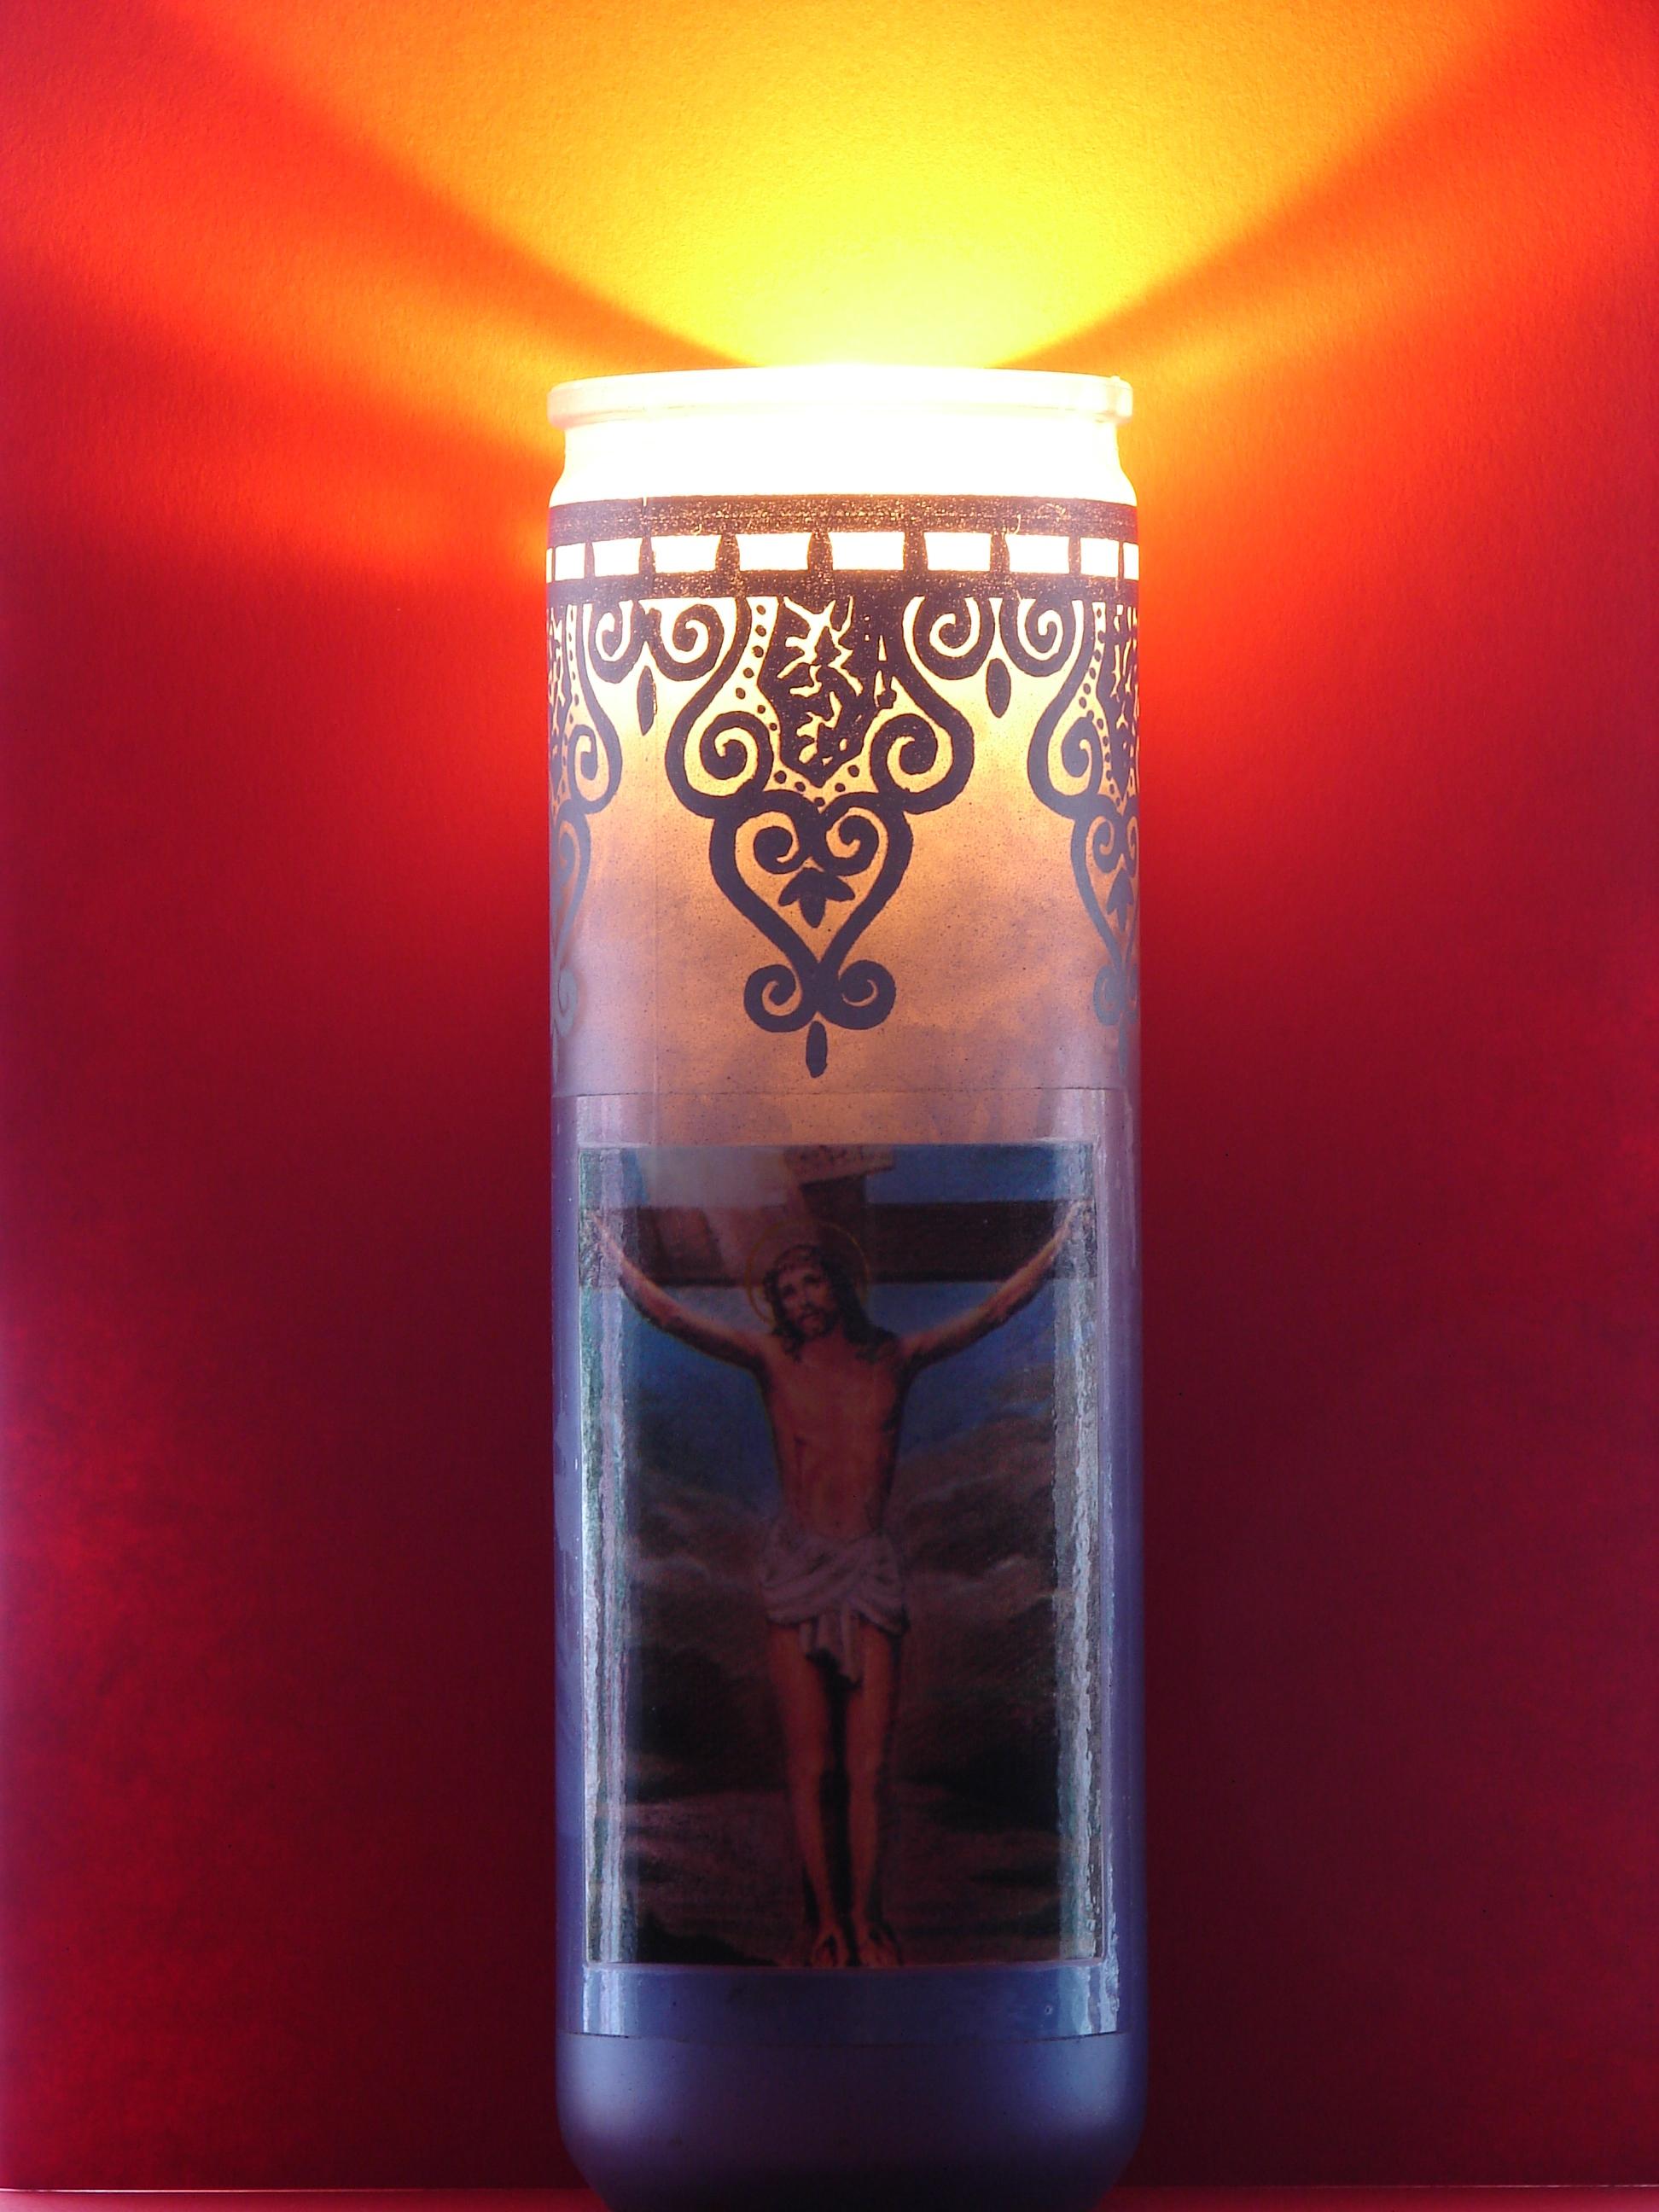 Le Rosaire en Images - Page 4 Cierge-allum-du-crucifiement-56da768